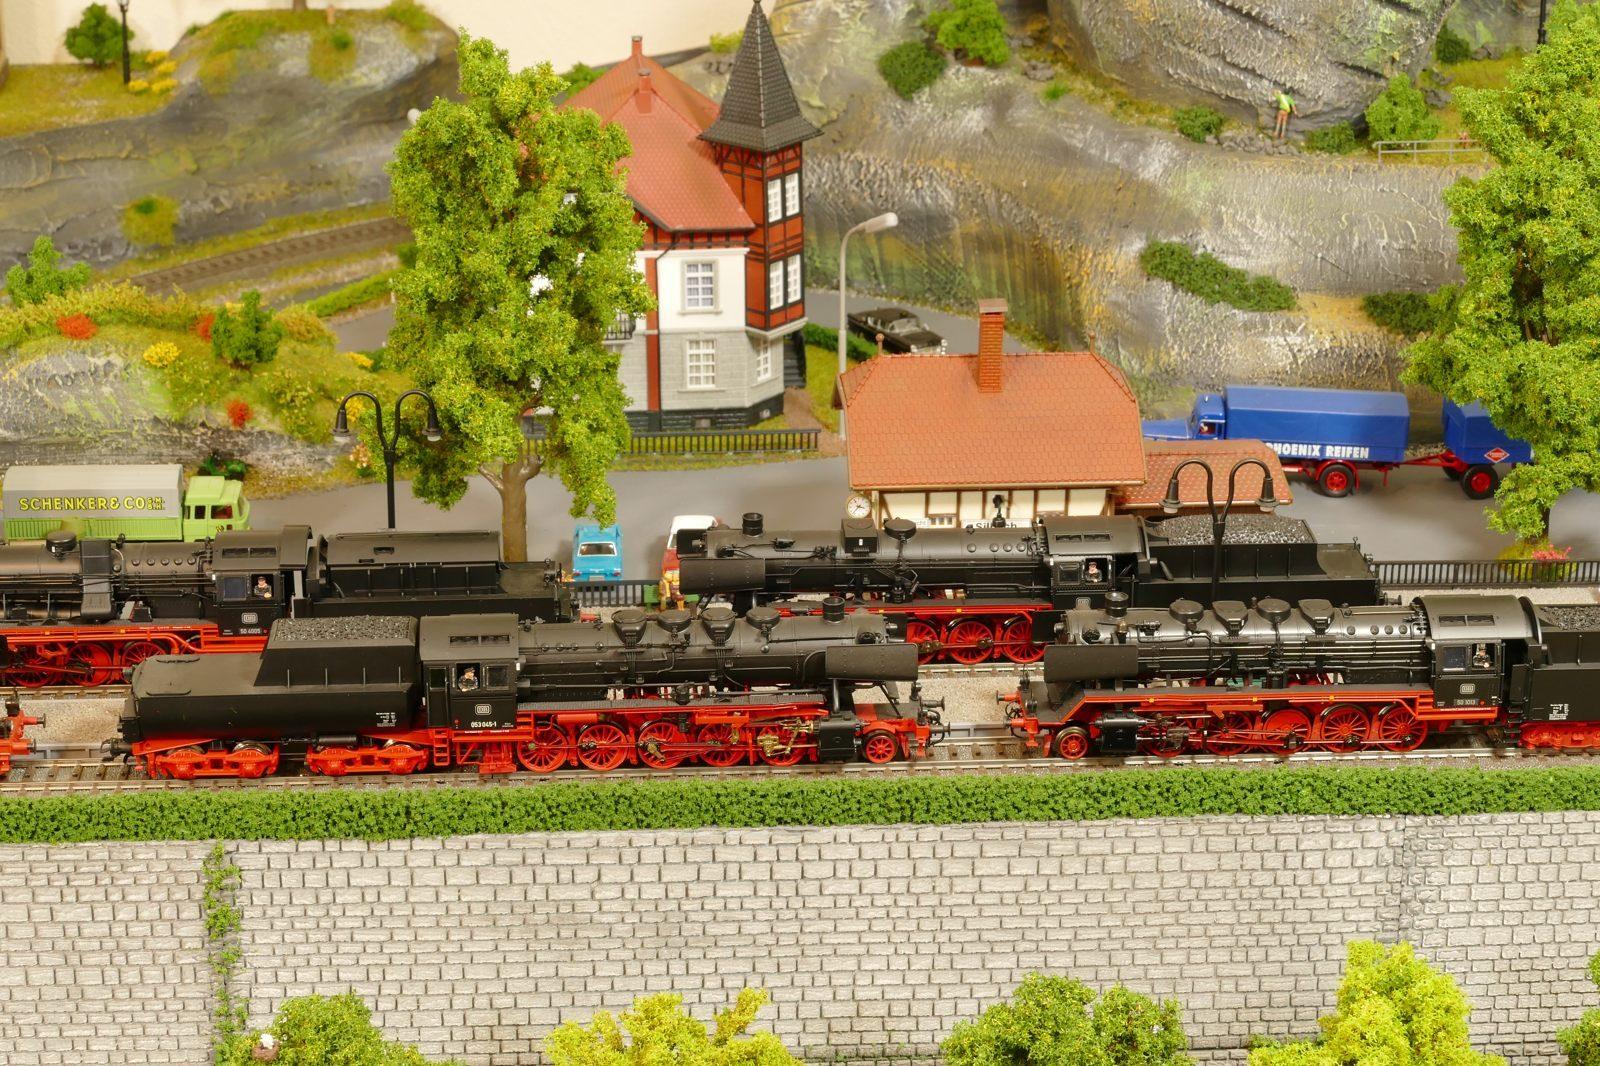 Die 50er liefen vorm Heckeneilzug und zogen bis zuletzt die Personenzüge zwischen Paderborn und Büren, bis die V100-Ablösung kam.